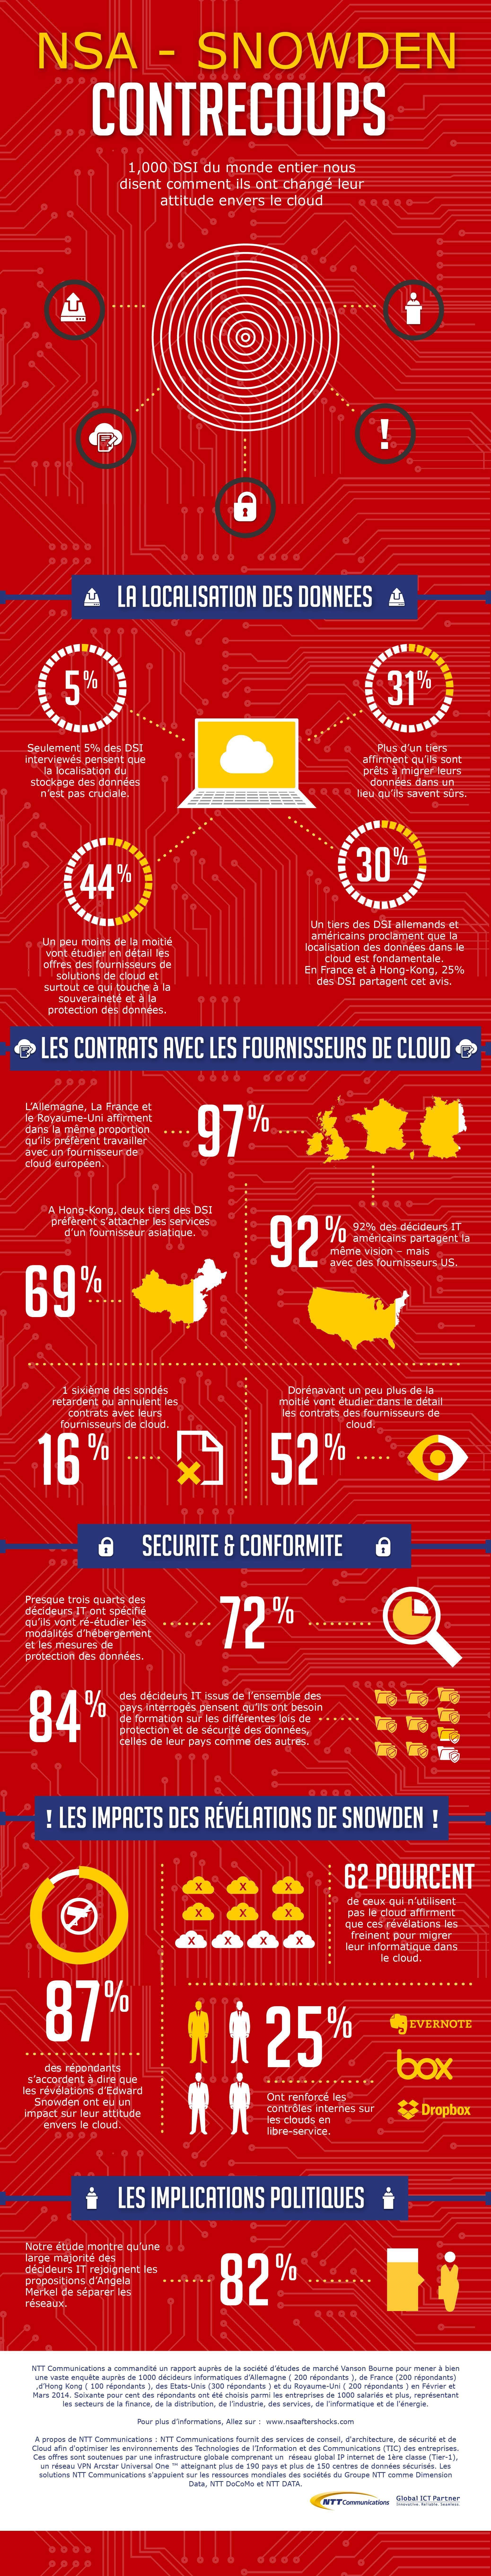 """Infographie NTT """"Les contrecoups de l'affaire Snowden - NSA """" sur le cloud"""